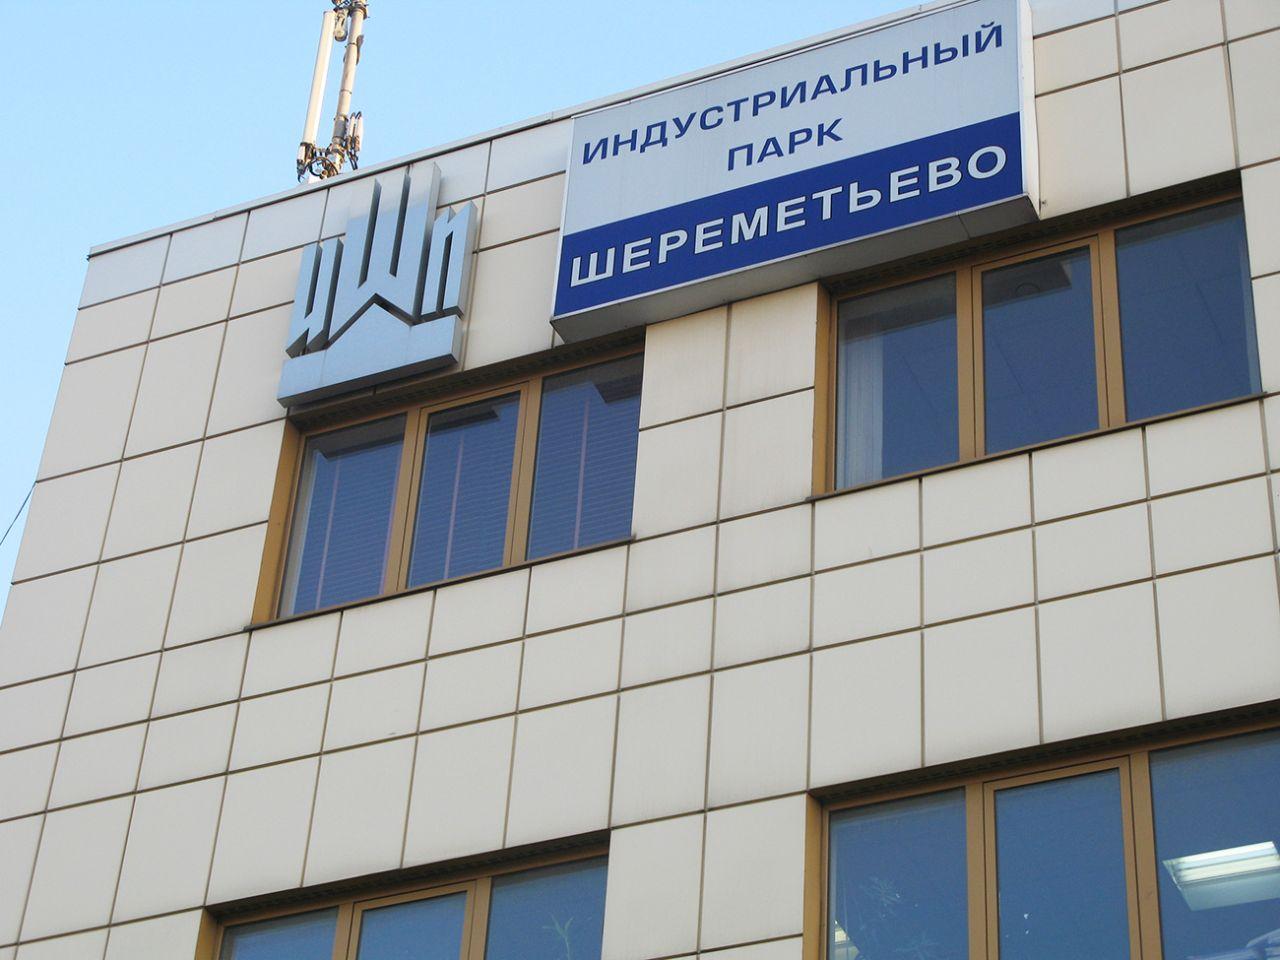 Складском комплексе Шереметьево